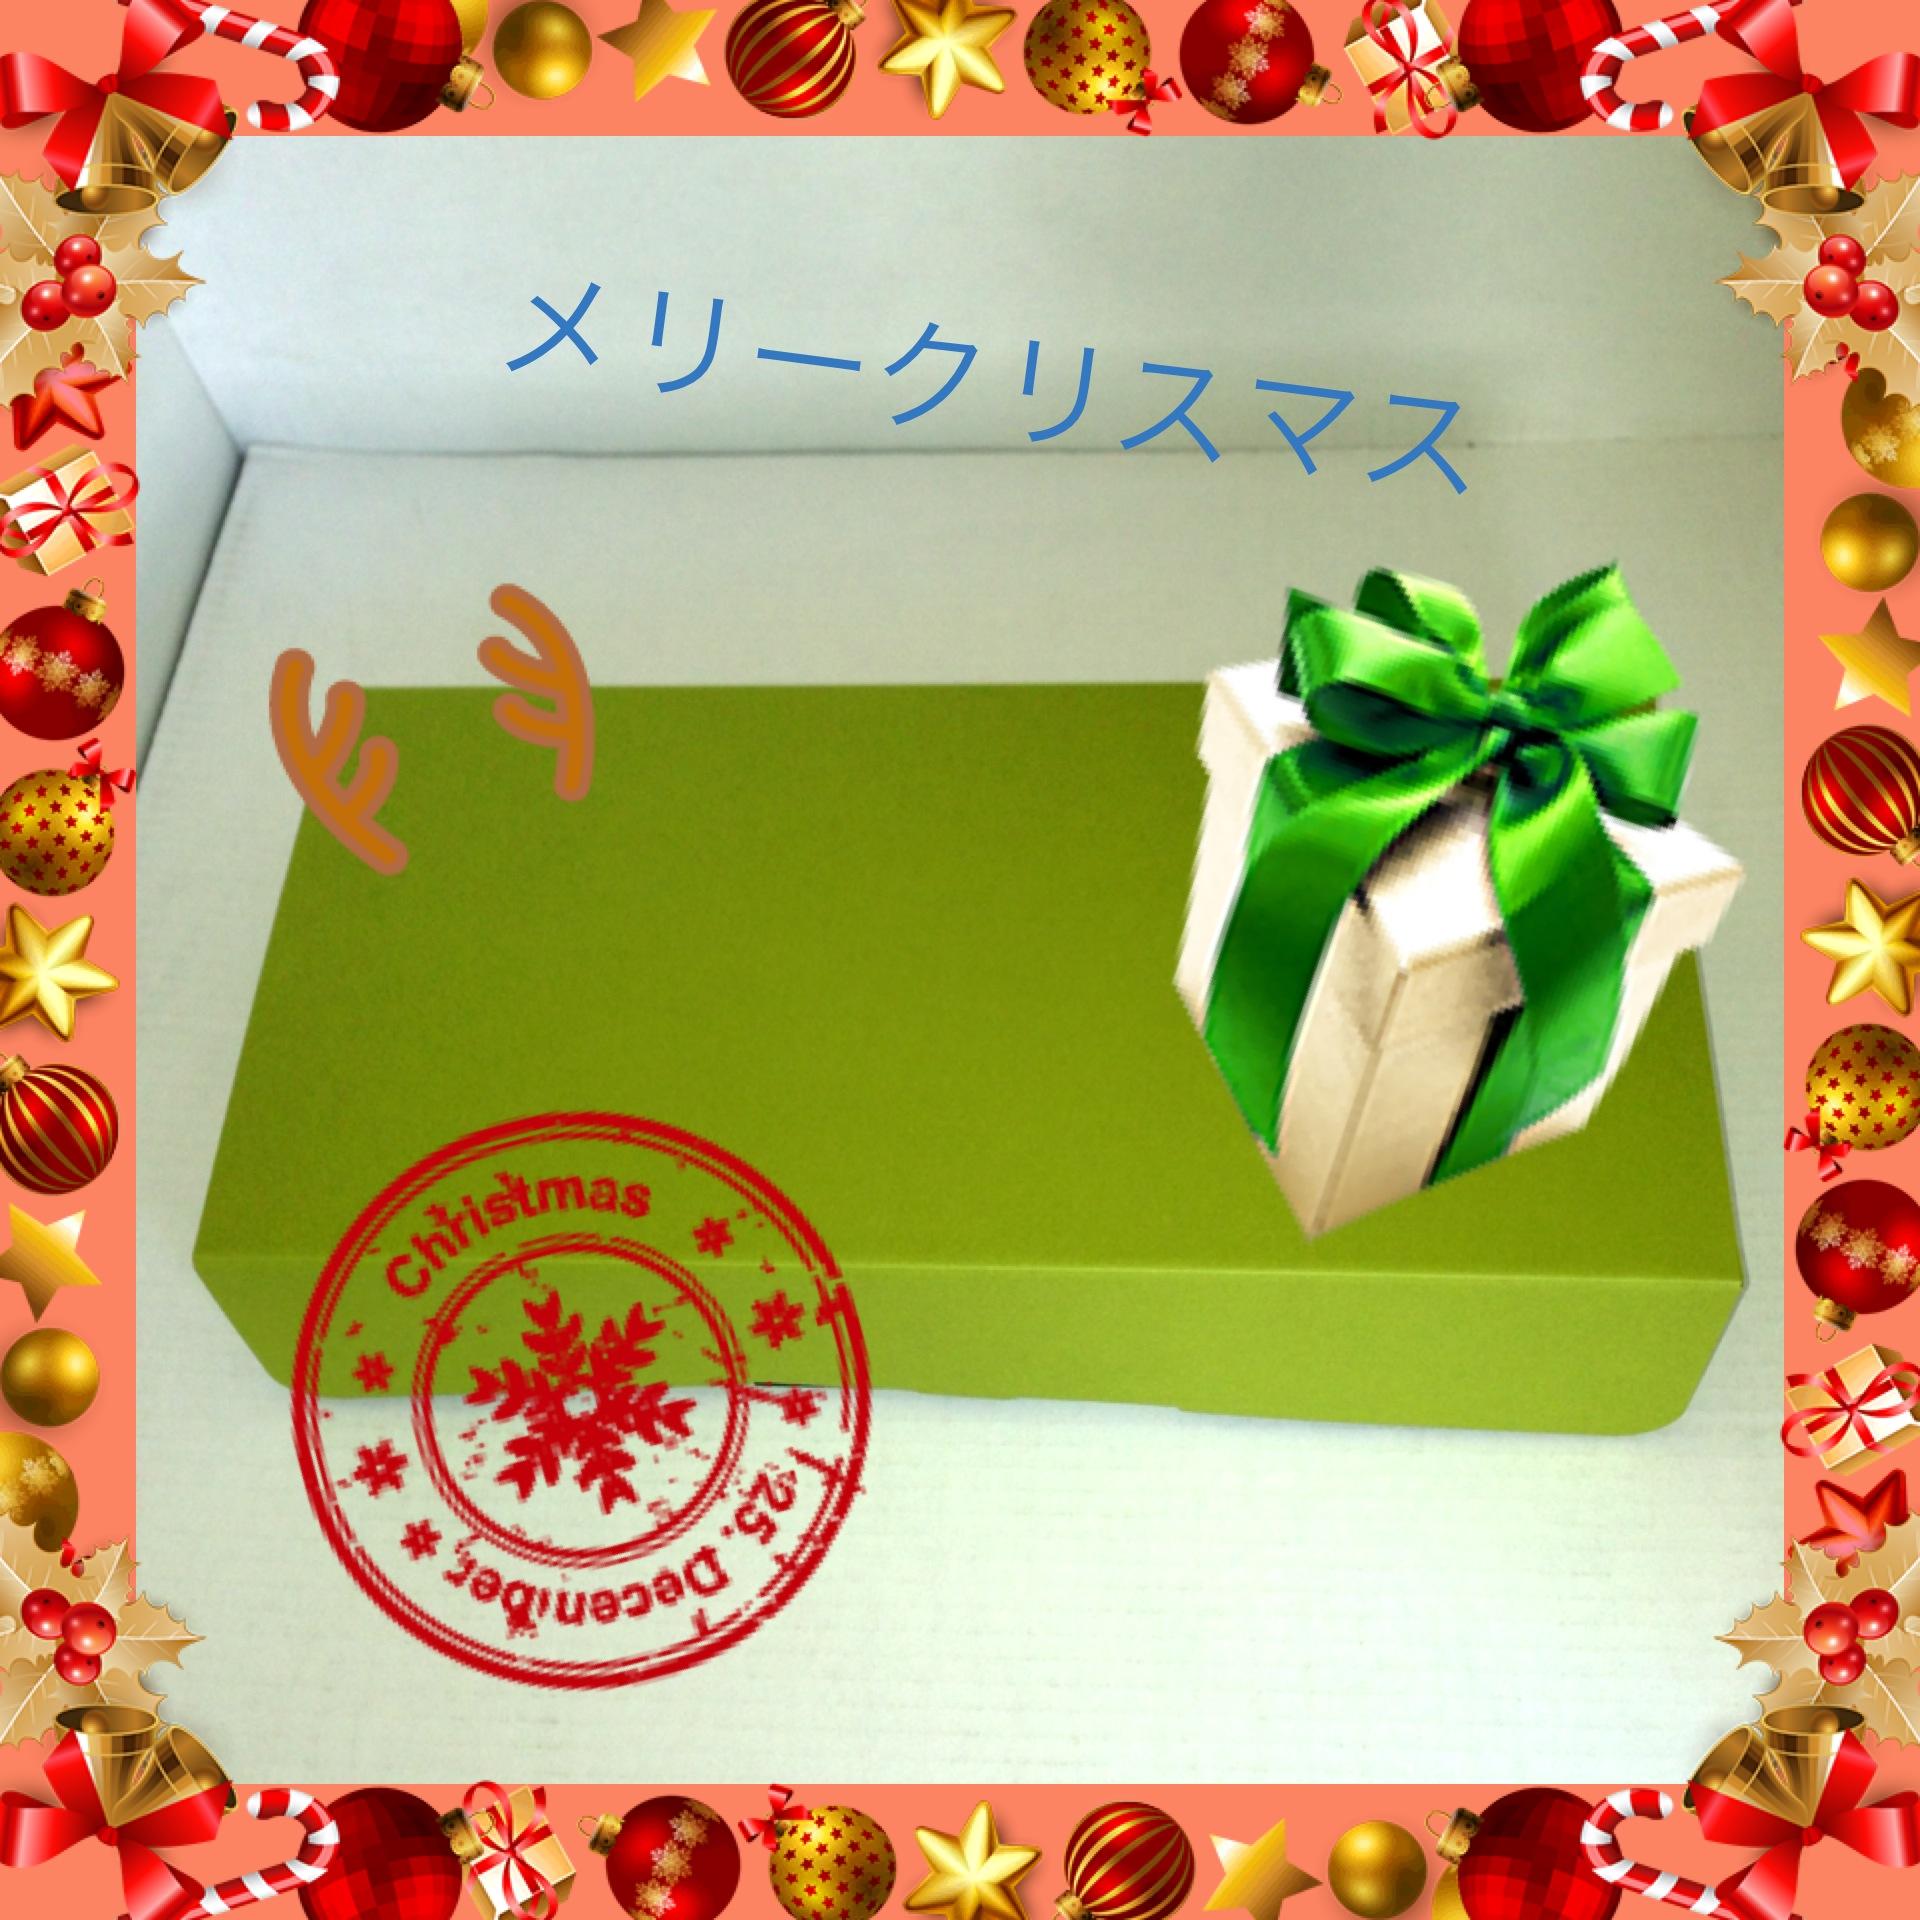 クリスマスギフト用段ボール